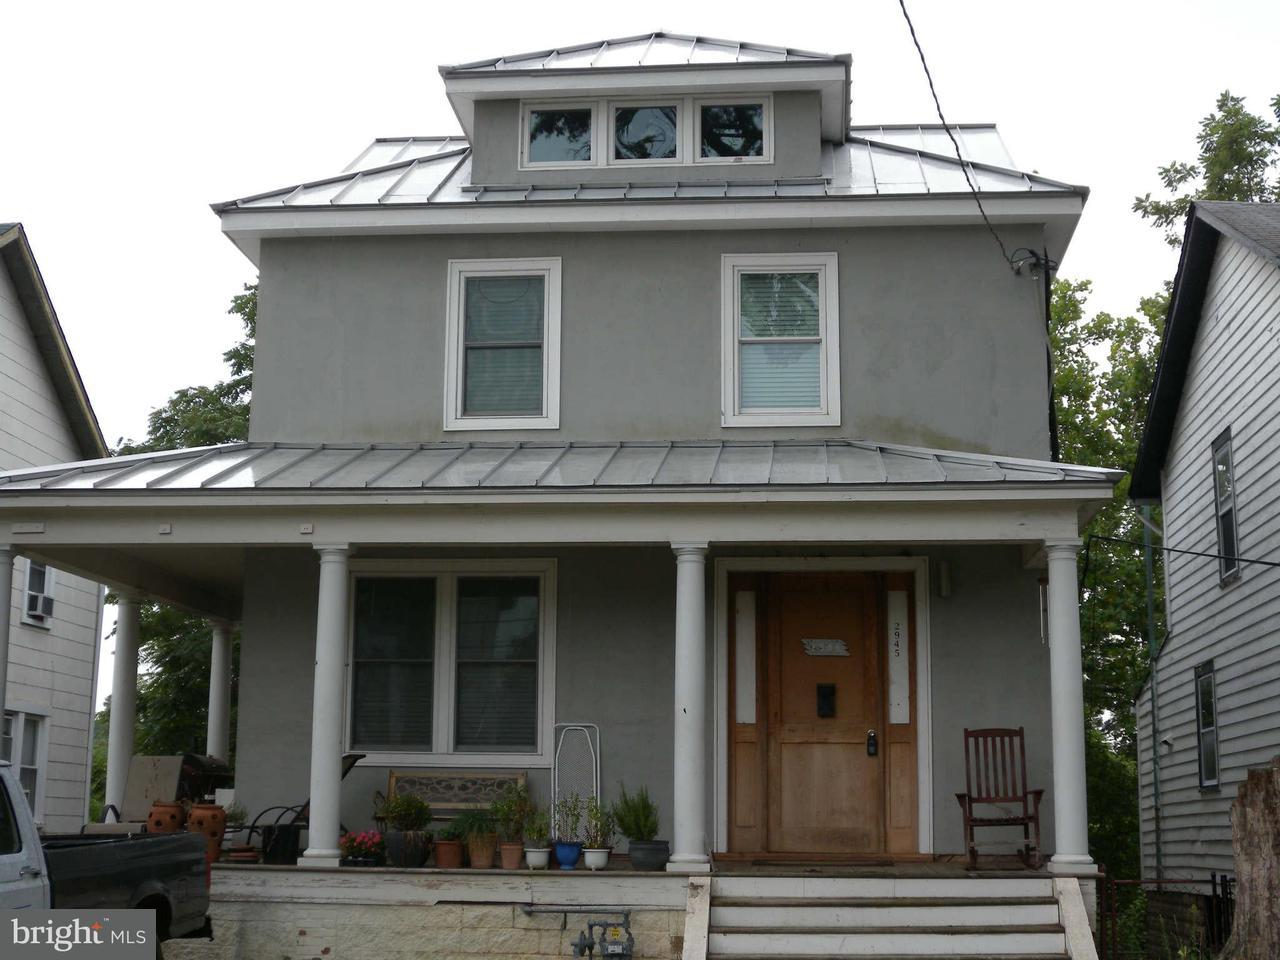 獨棟家庭住宅 為 出售 在 2945 Carlton Ave Ne 2945 Carlton Ave Ne Washington, 哥倫比亞特區 20018 美國